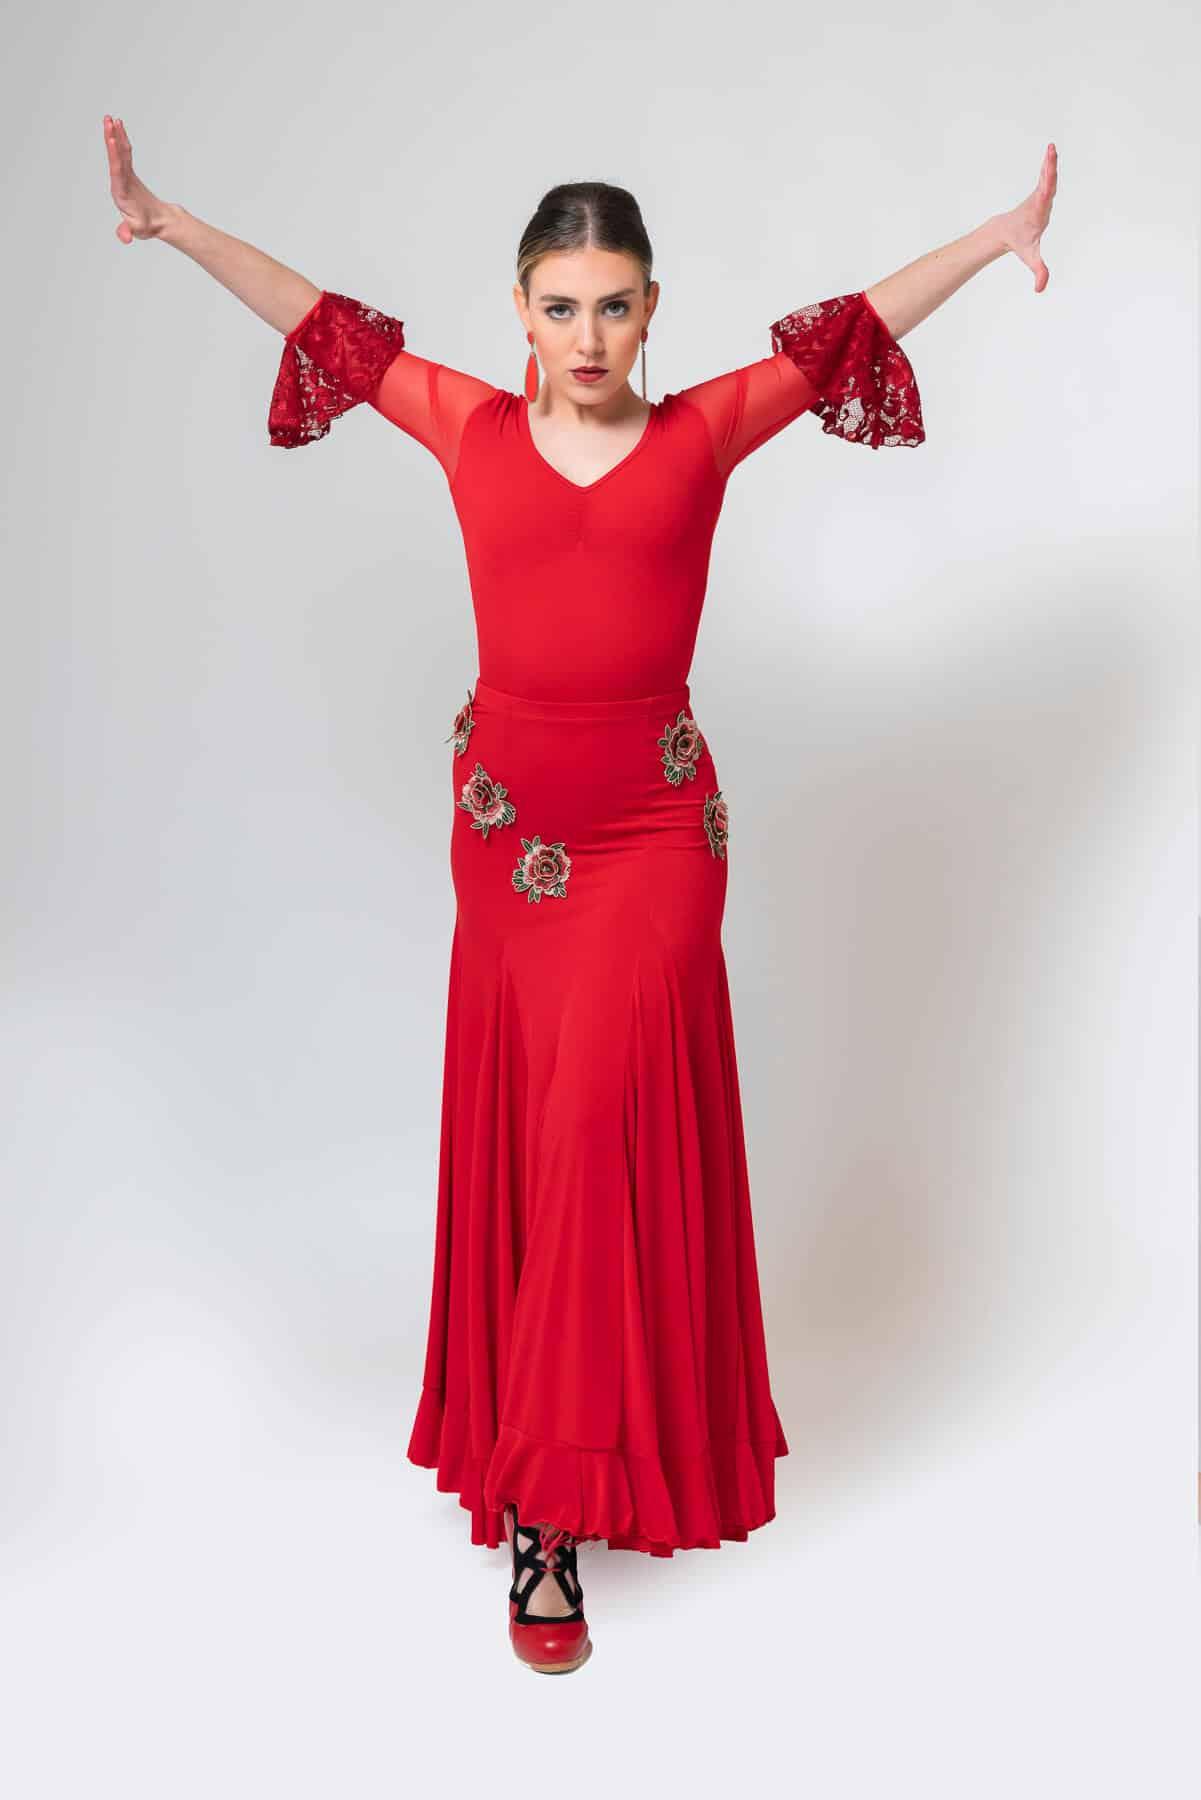 Falda roja flamenca 4305